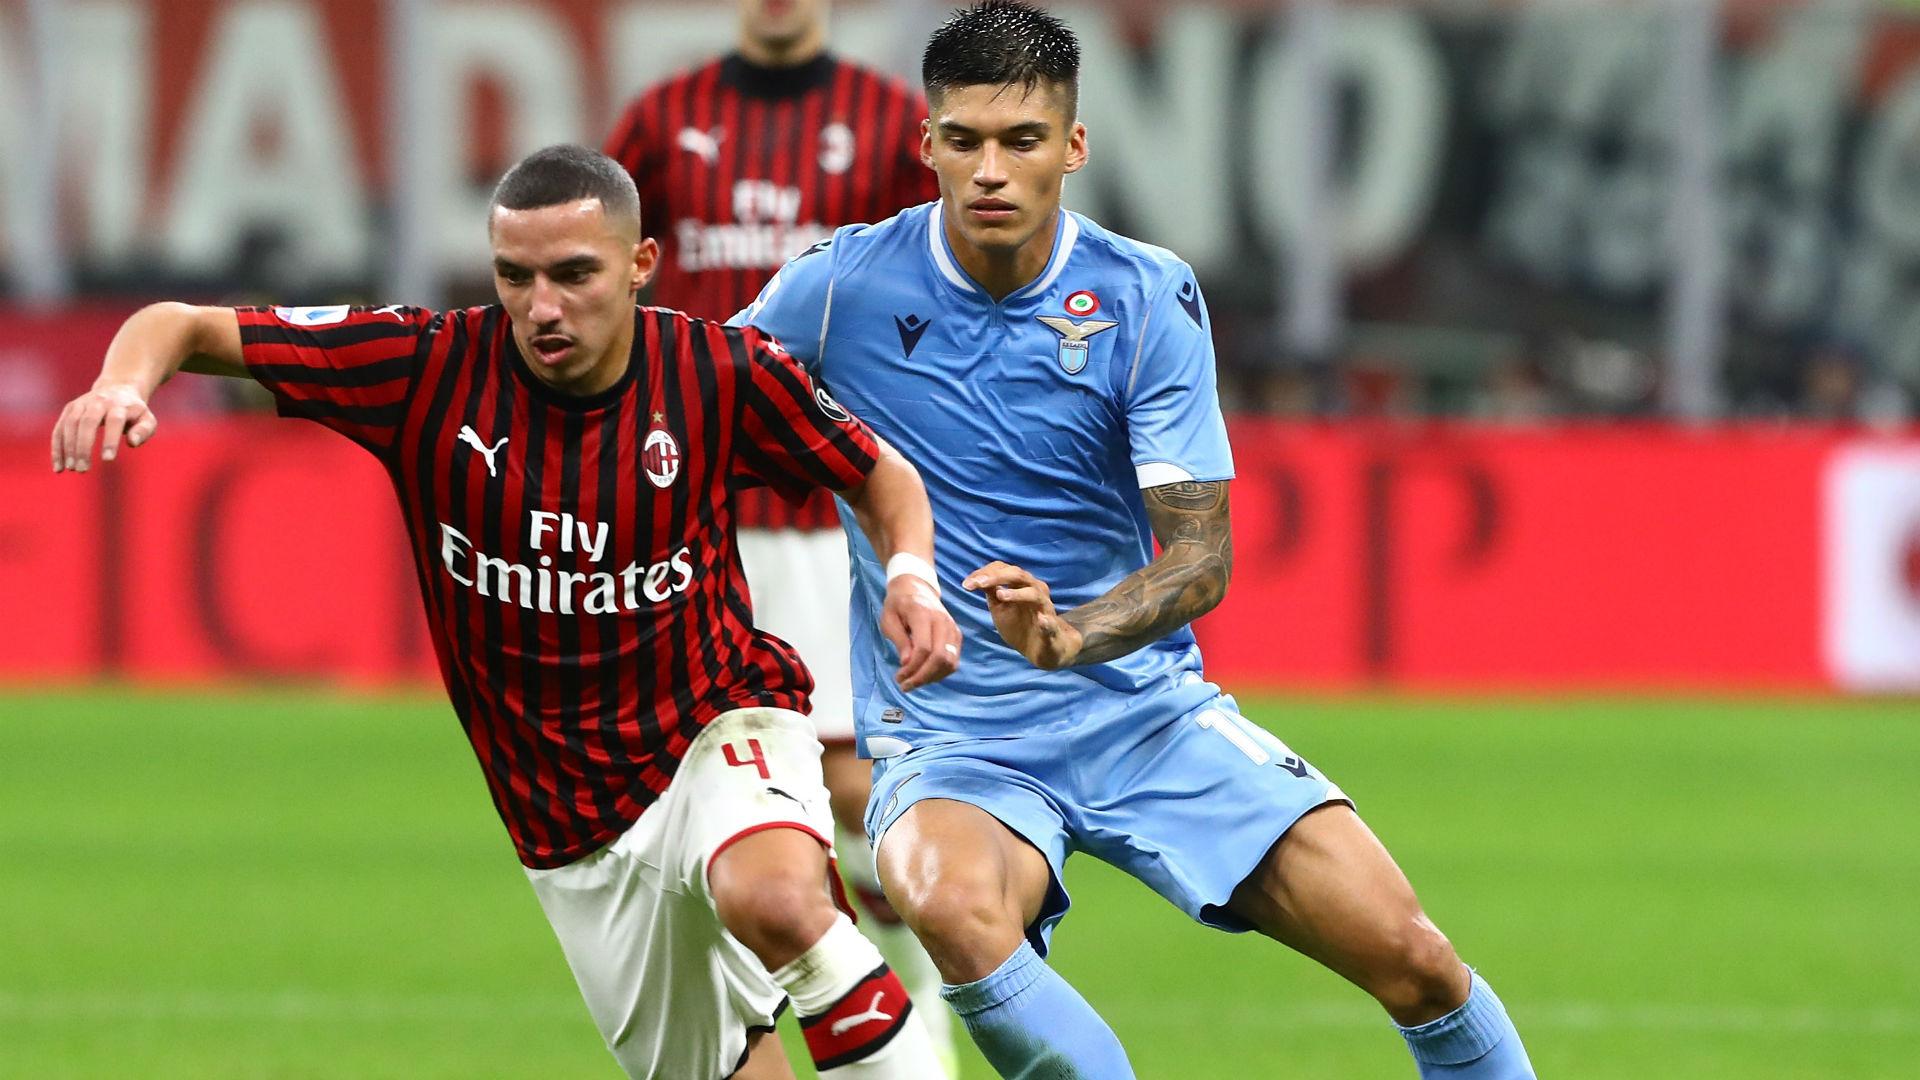 مباراة ميلان ولاتسيو في الدوري الايطالي